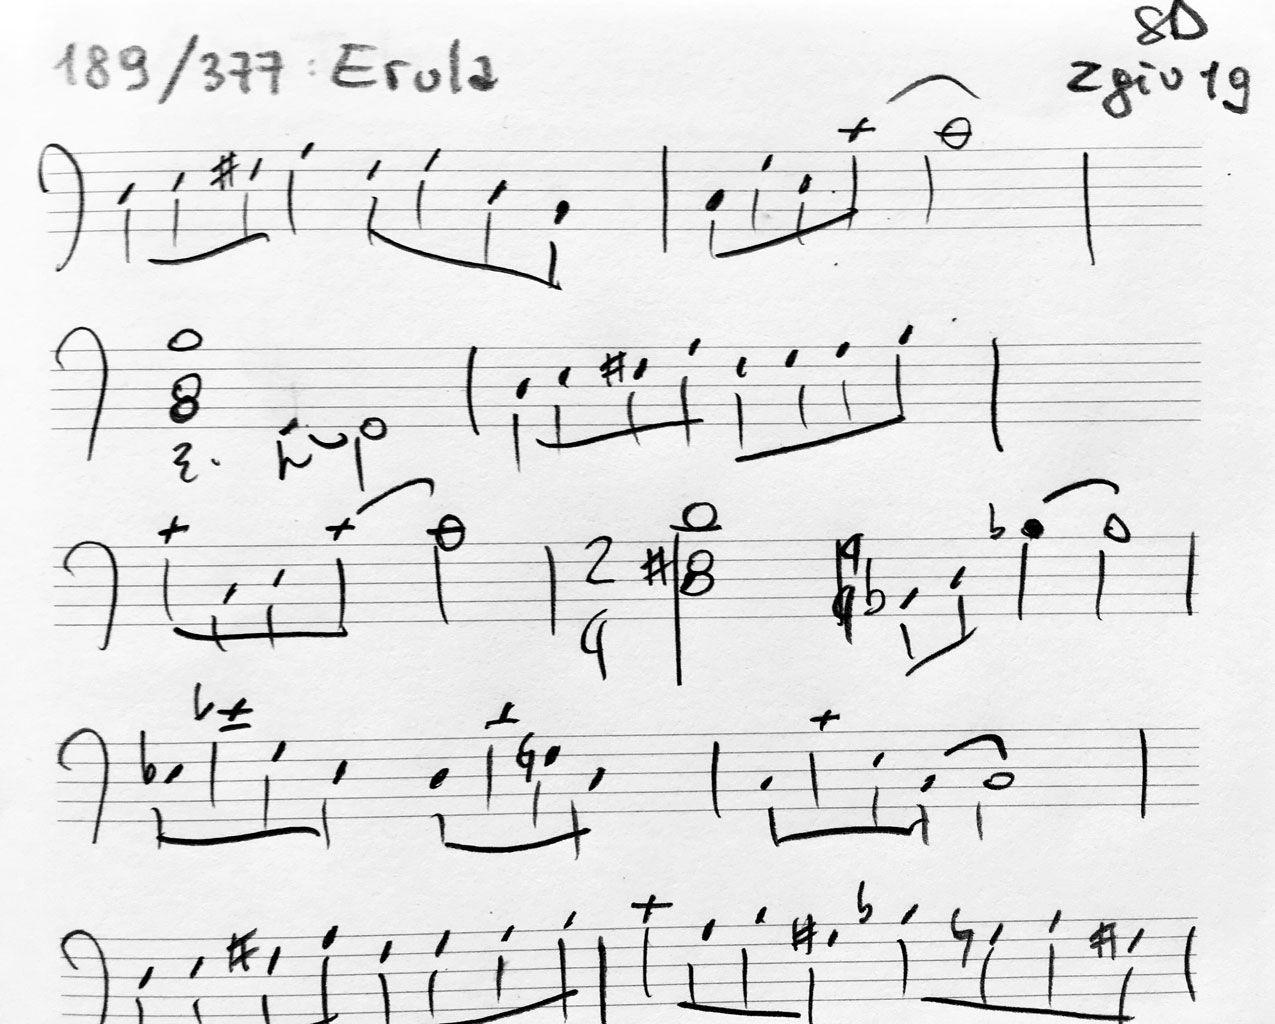 189-Erula-score